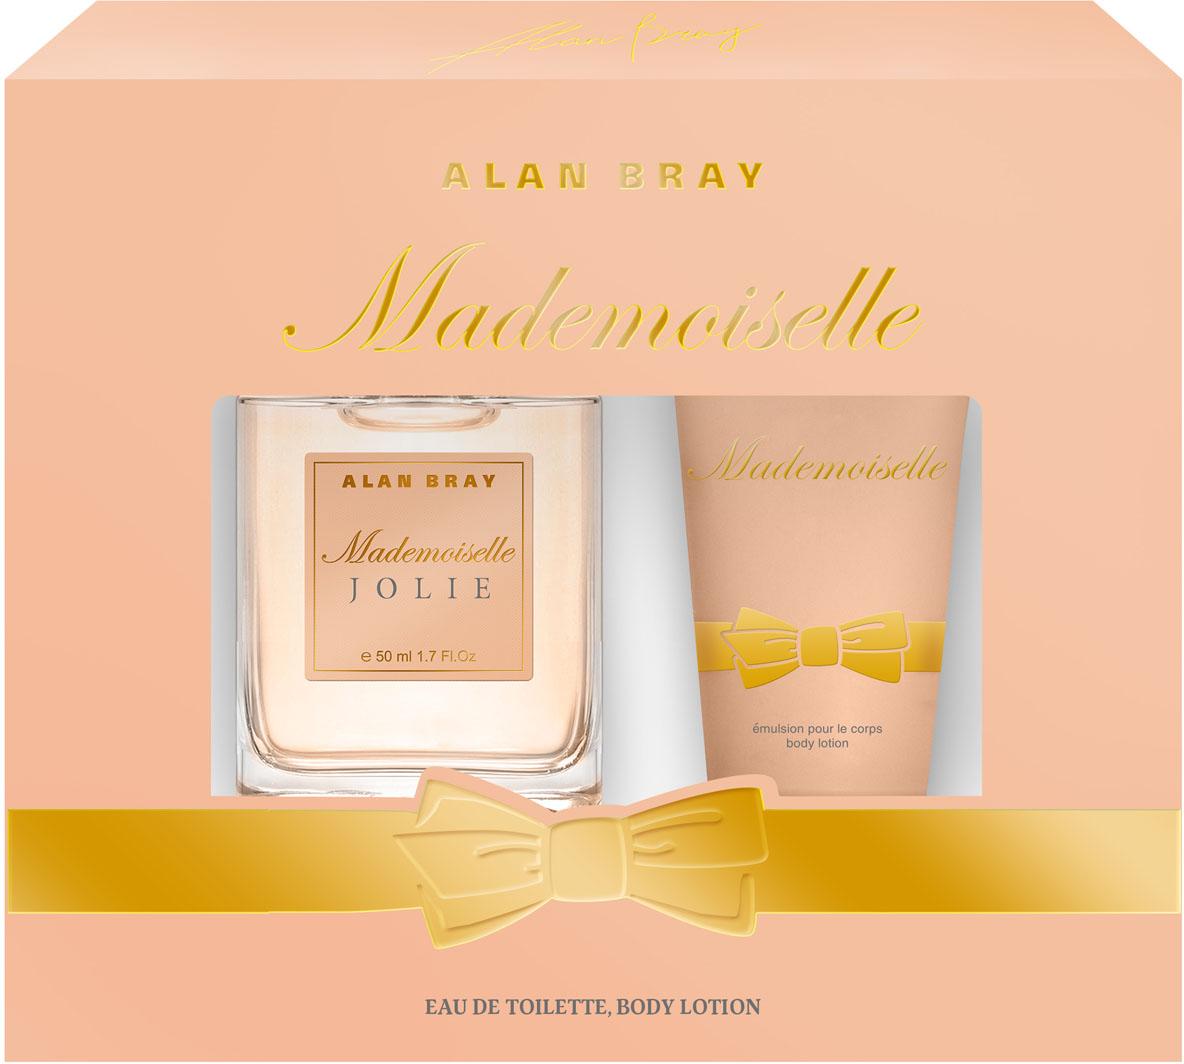 Alan Bray Парфюмированный набор: Mademoiselle Jolie Парфюмерная вода 50 мл + Лосьон для тела Mademoiselle, 75 мл